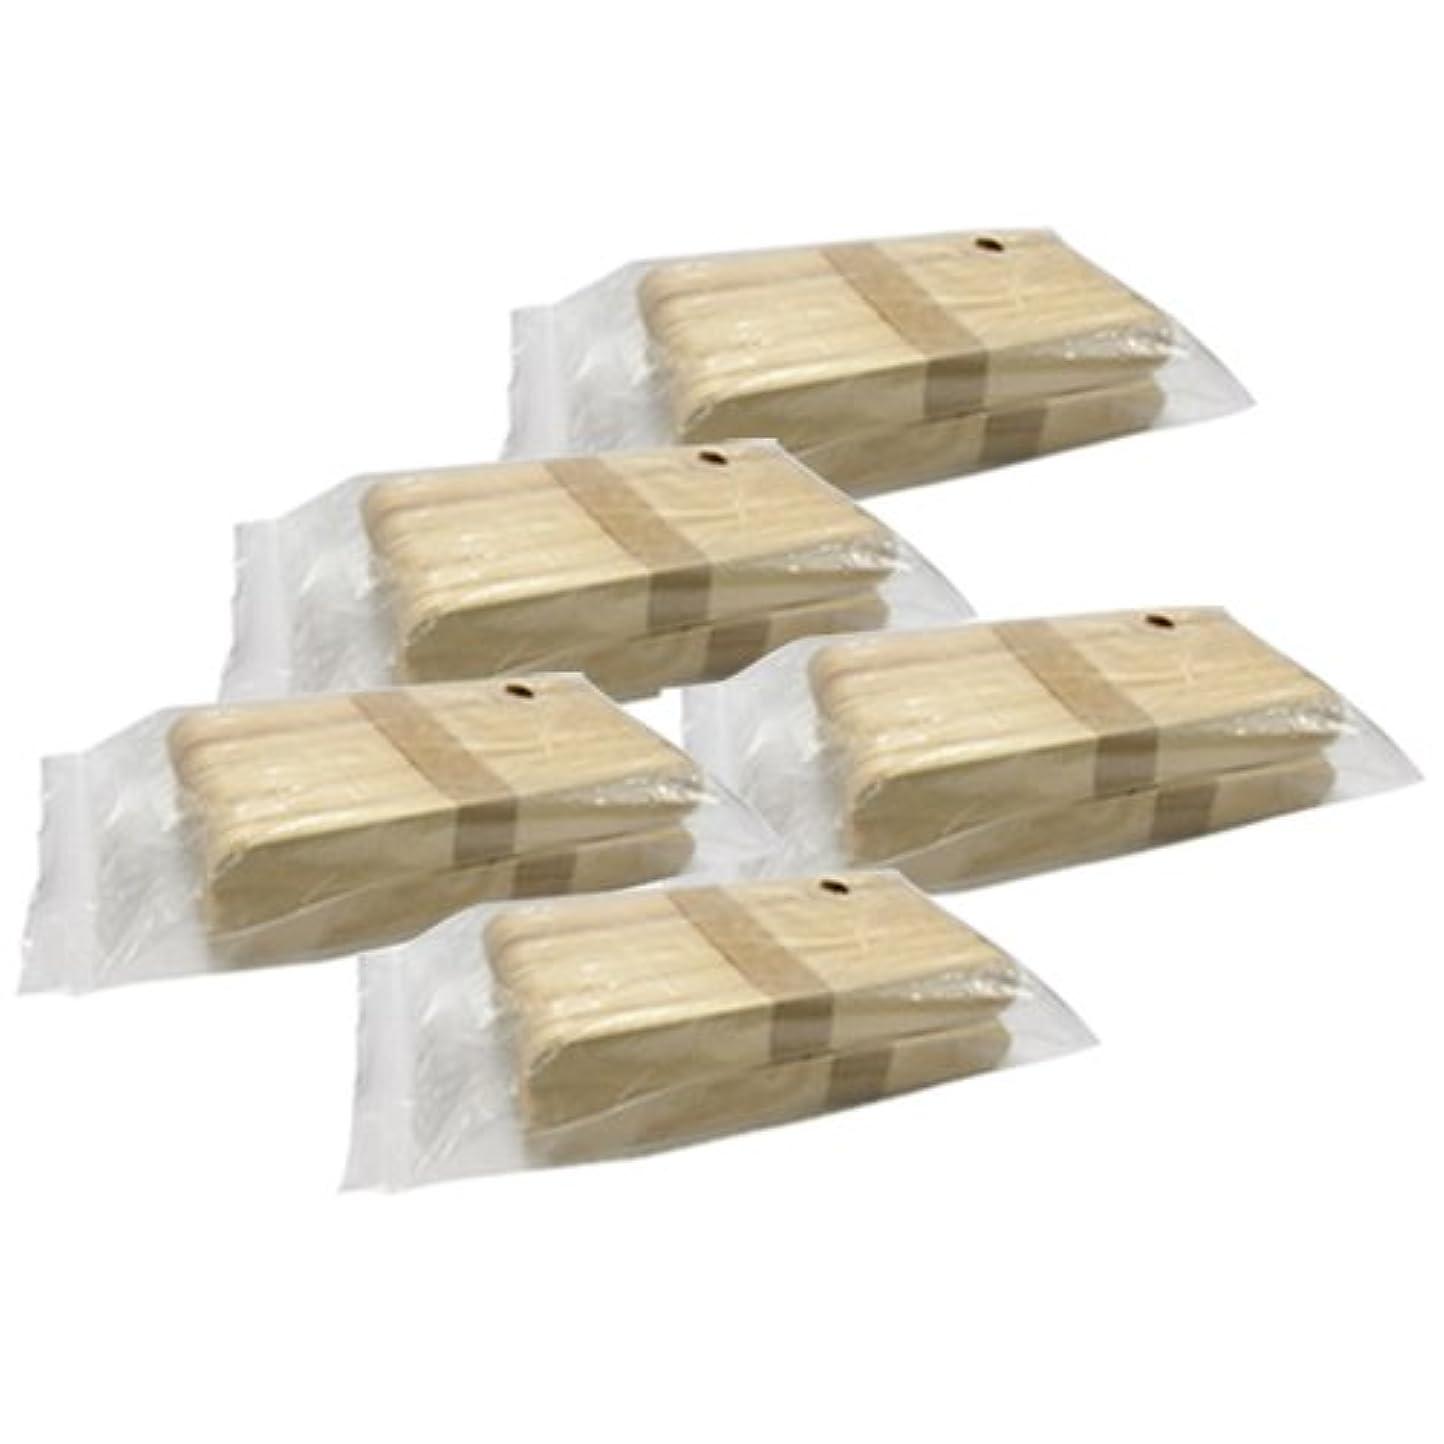 小学生近似頑張る使い捨て【木ベラ/ウッドスパチュラ】(業務用100枚入り) × 5袋セット(計500枚)/WAX脱毛等や舌厚子にも …